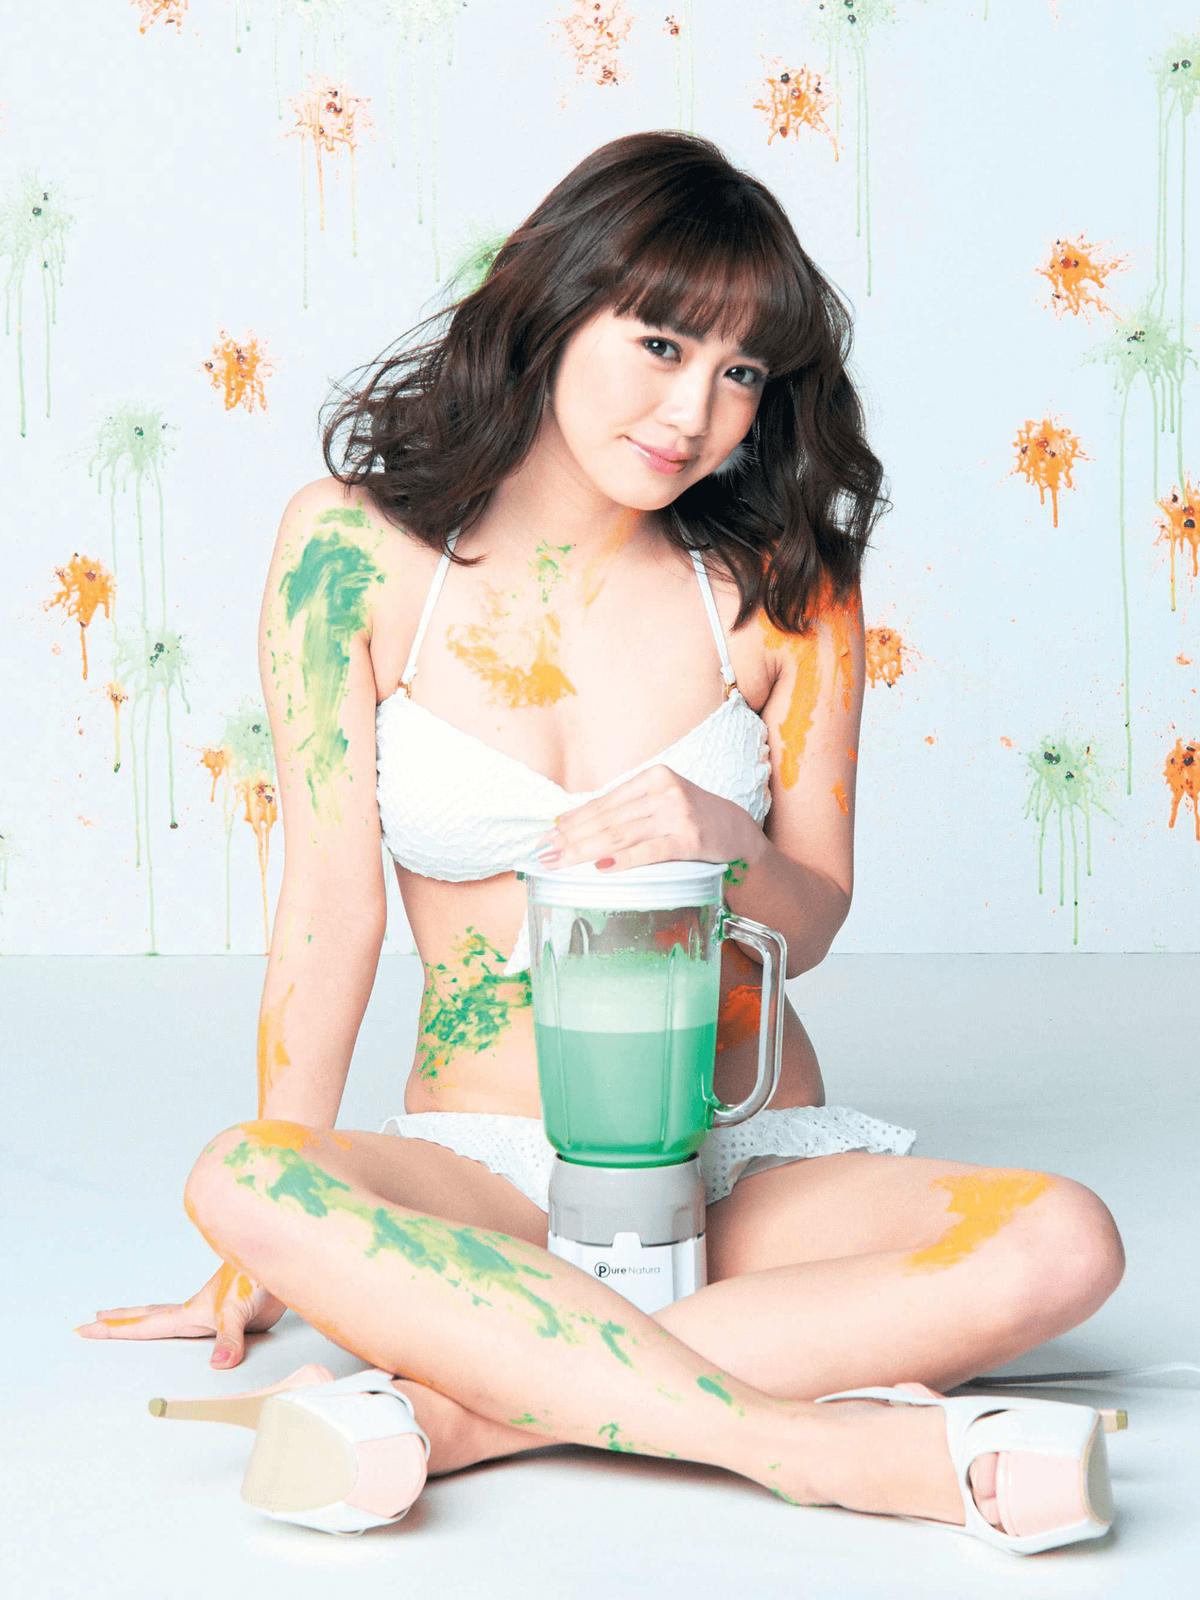 笑顔でミキサーを持っている奥仲麻琴の水着画像